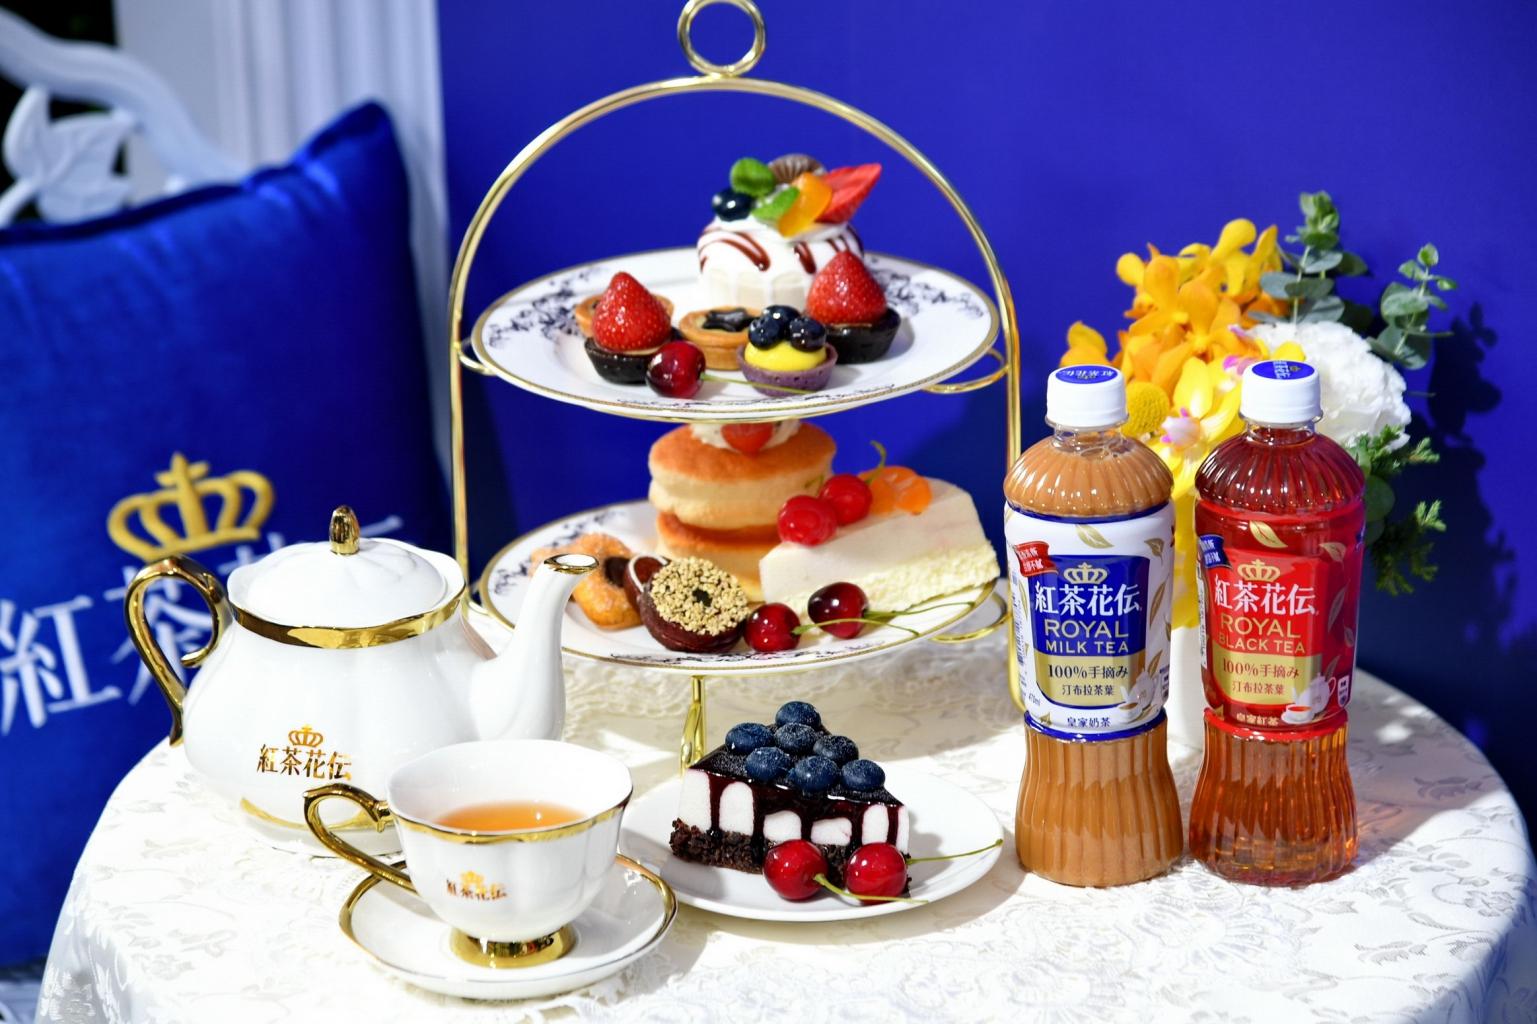 源於日本的暢銷茶飲品牌「紅茶花伝」 引領午茶新旋風